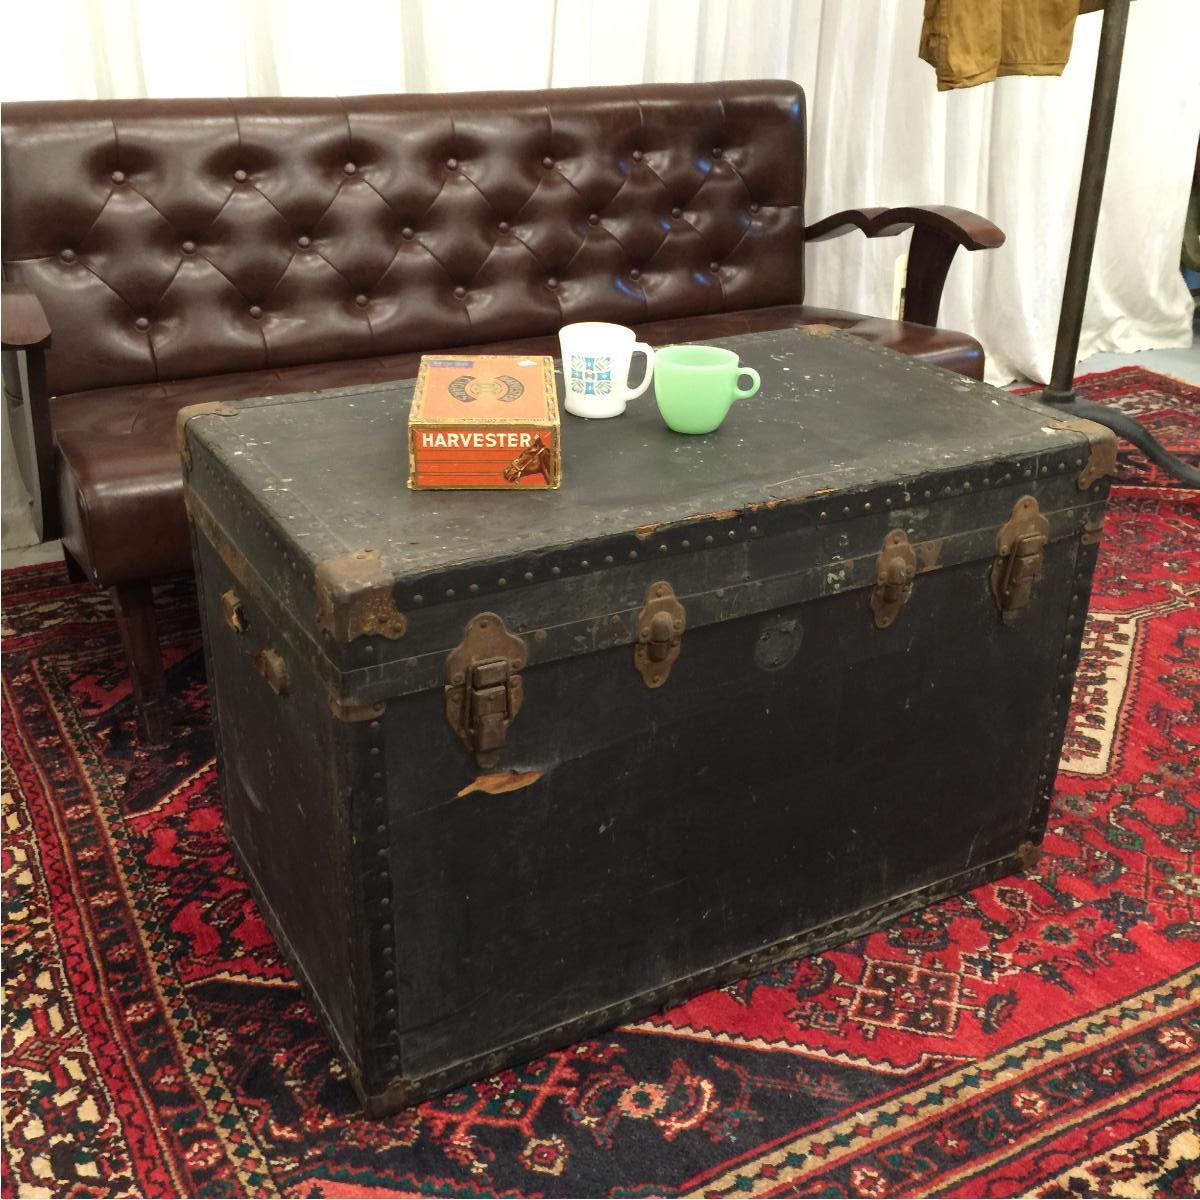 アンティークトランク コーヒーテーブル ヴィンテージ /hom0395 【】 160925 アンティークトランク コーヒーテーブル ヴィンテージ